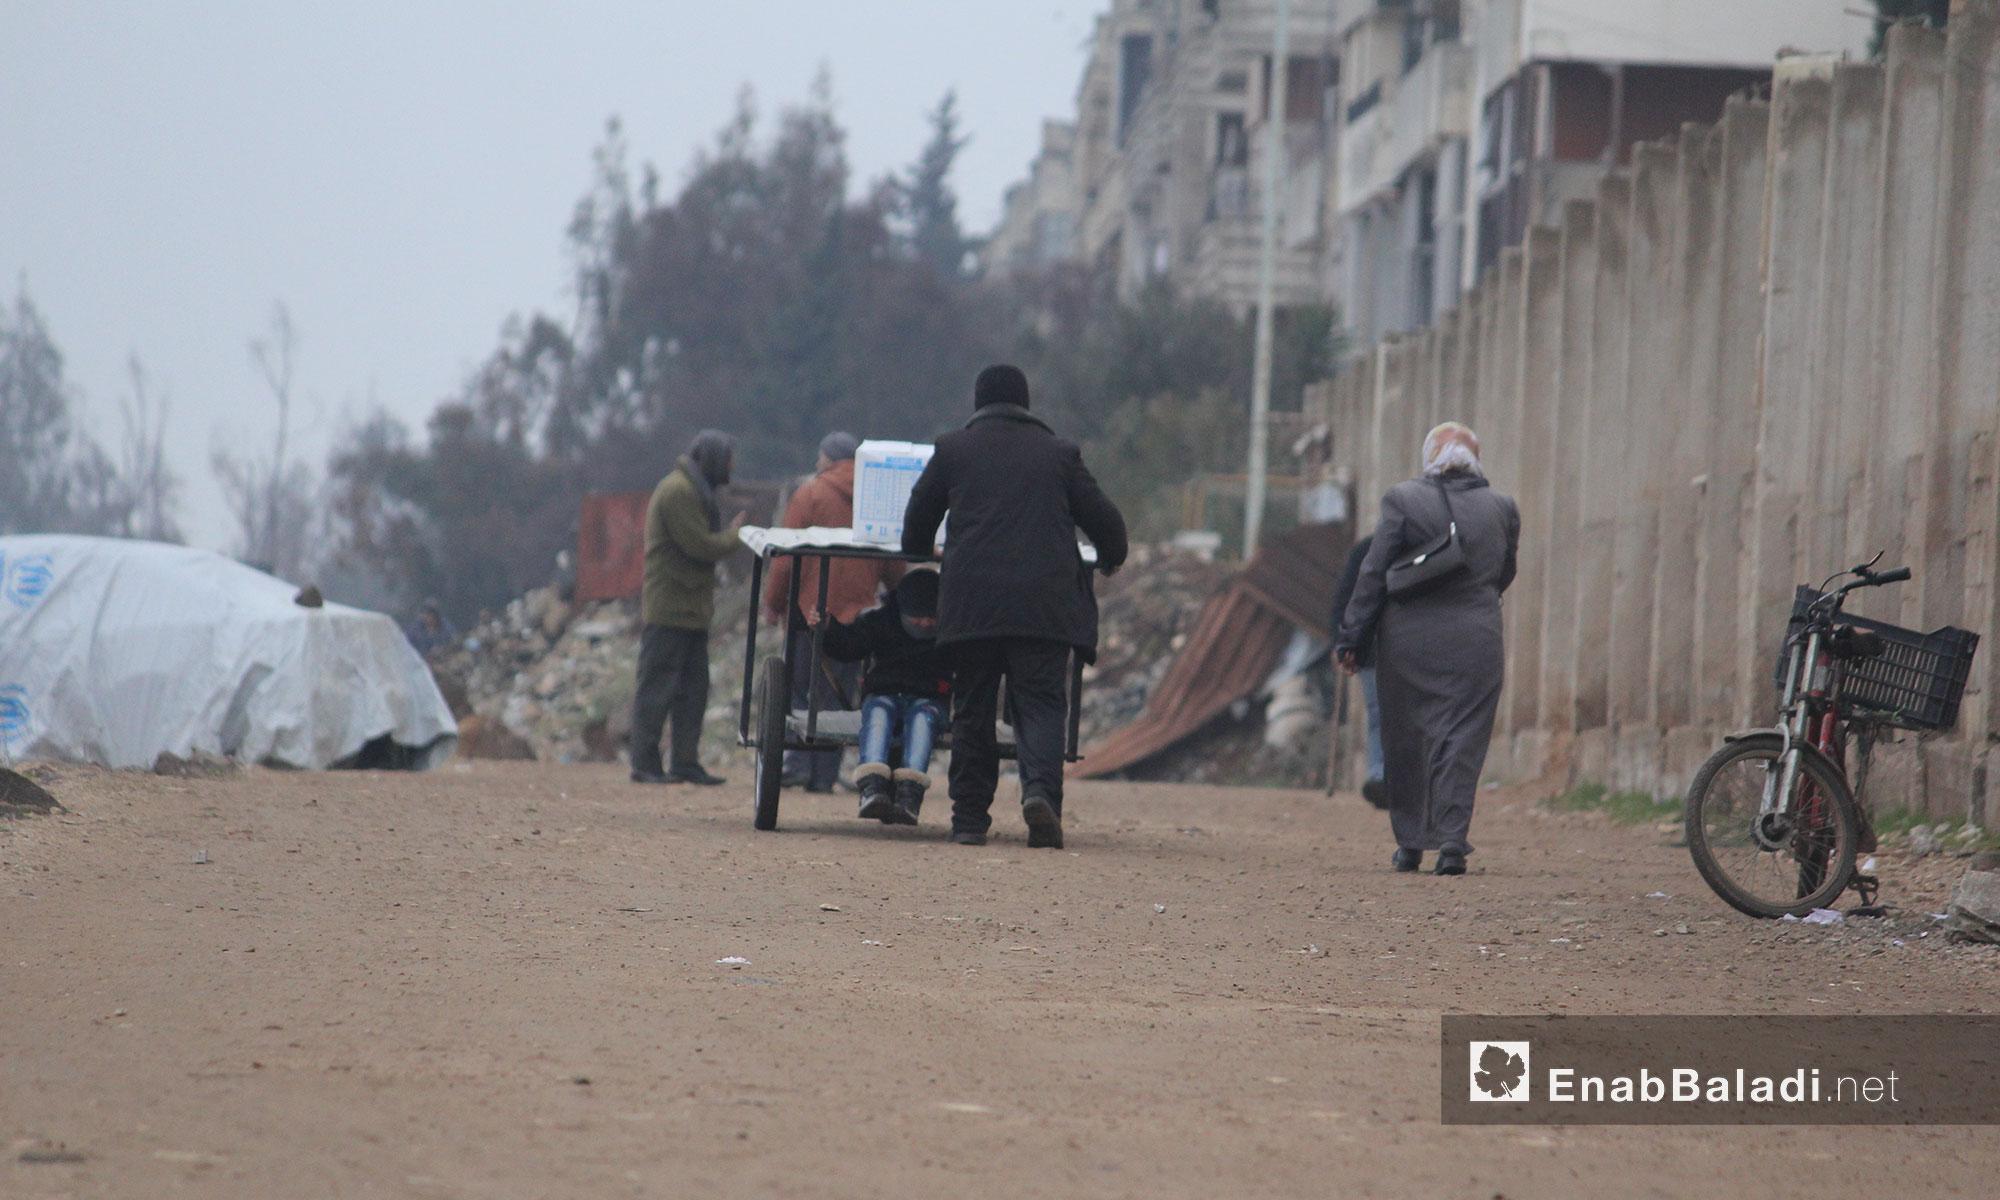 سكان حي الوعر يتوجهون لعملهم صباحًا - 21 كانون الثاني 2017 (عنب بلدي)